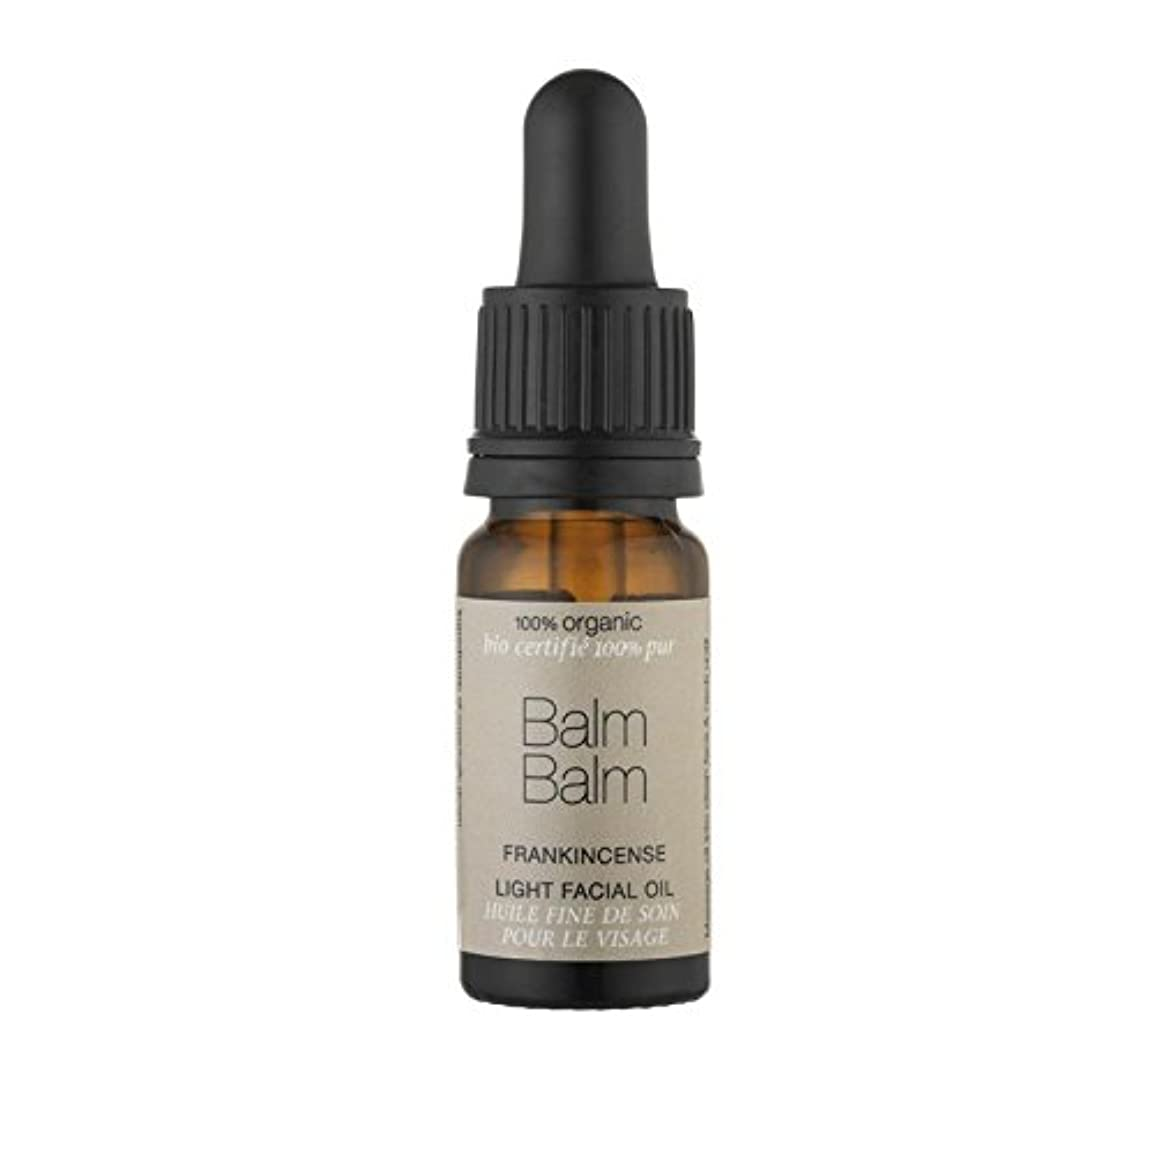 アッティカス保守的ヒューバートハドソンBalm Balm Frankincense Organic Light Facial Oil 30ml (Pack of 6) - バームバーム乳香有機光フェイシャルオイル30ミリリットル x6 [並行輸入品]